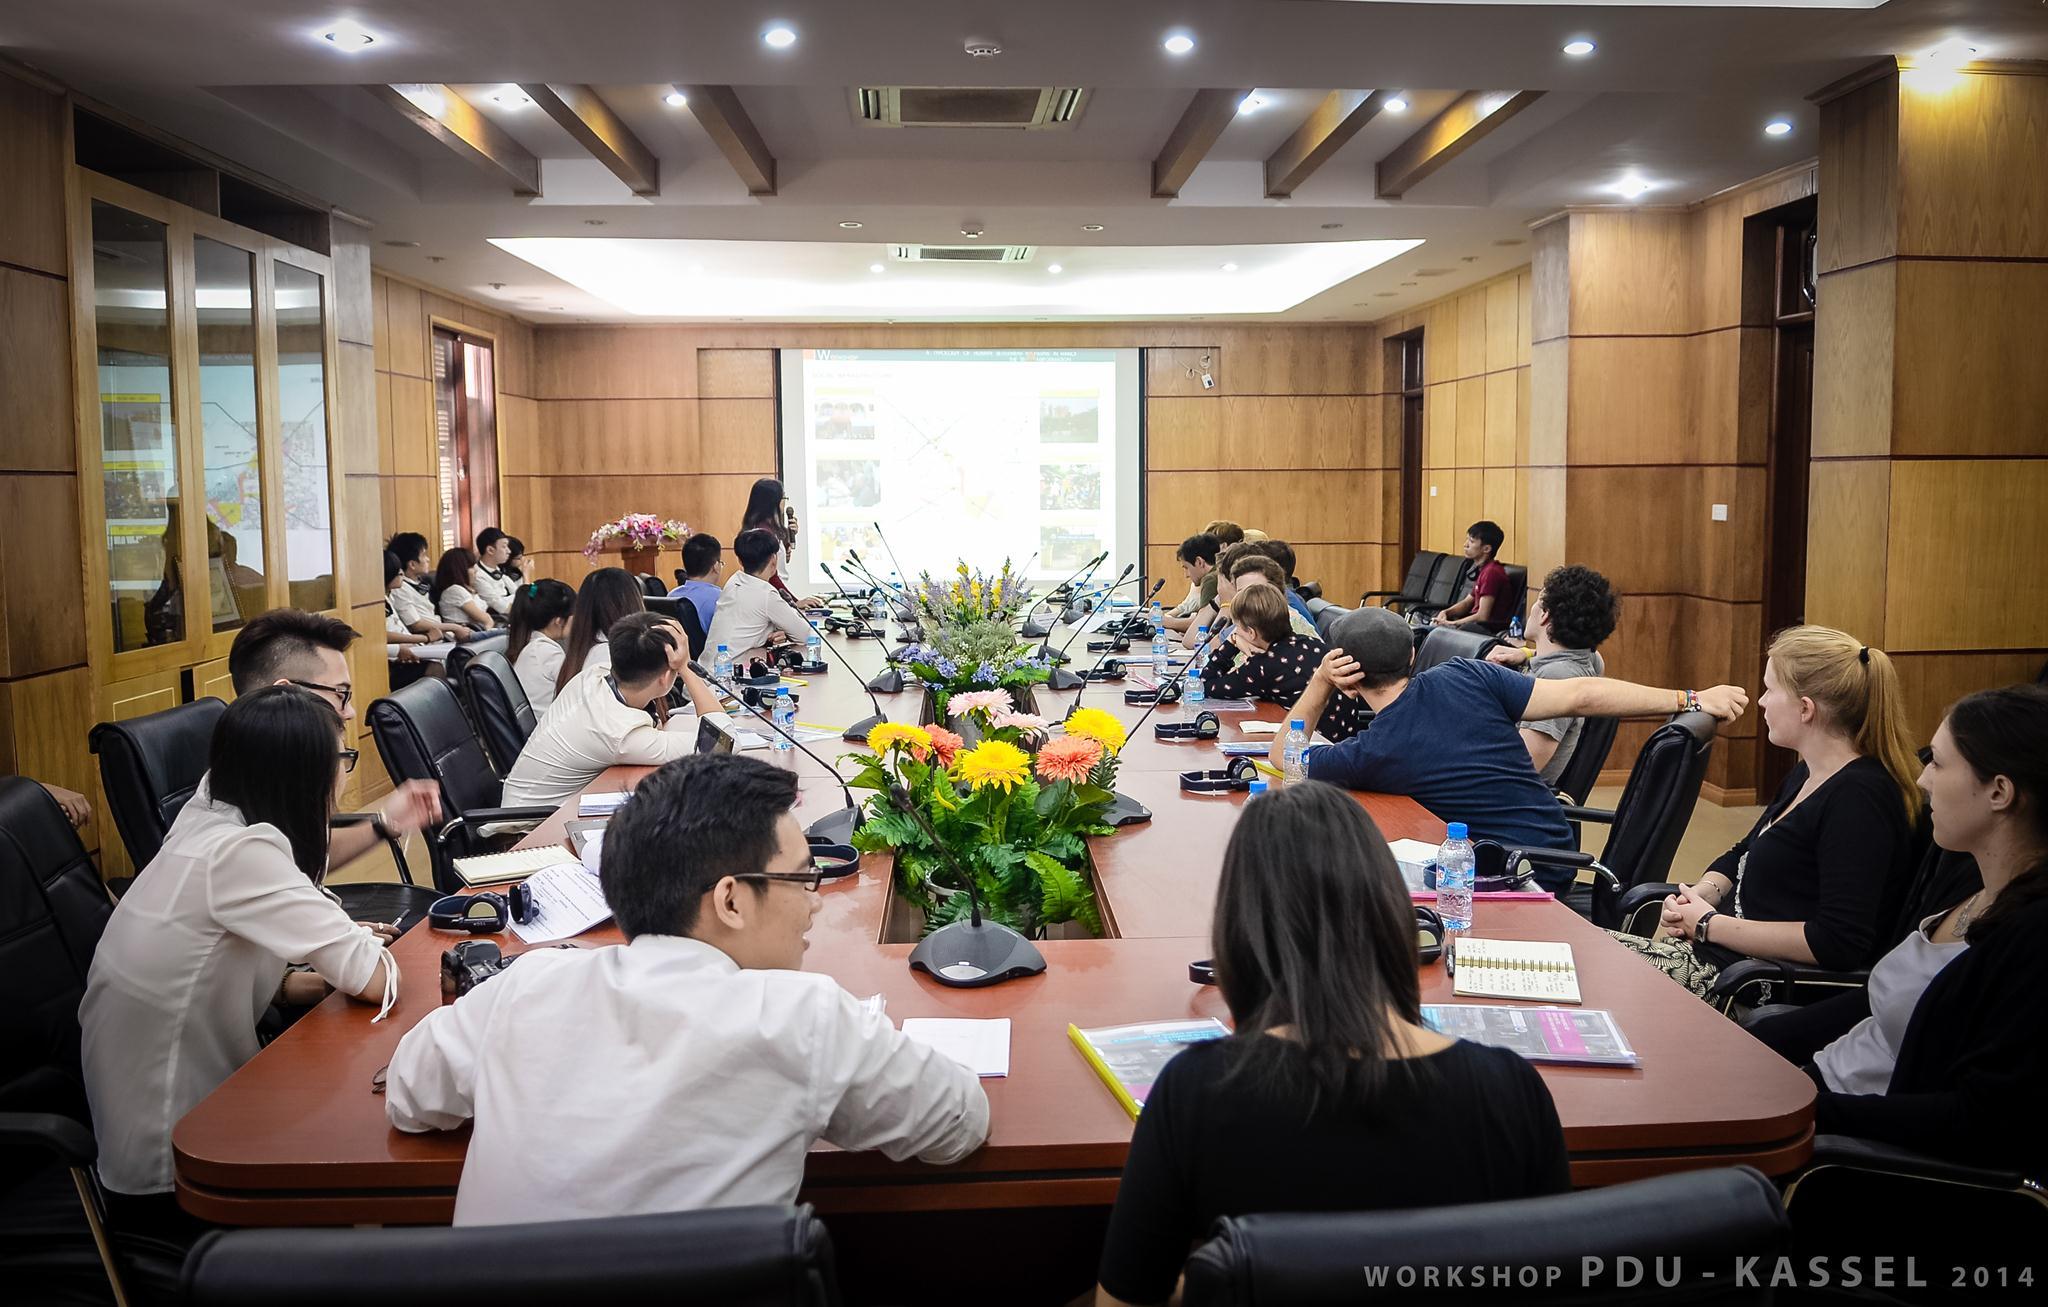 Workshop kiến trúc quốc tế do trường ĐH Phương Đông phối hợp với các trường đại học nước ngoài tổ chức.